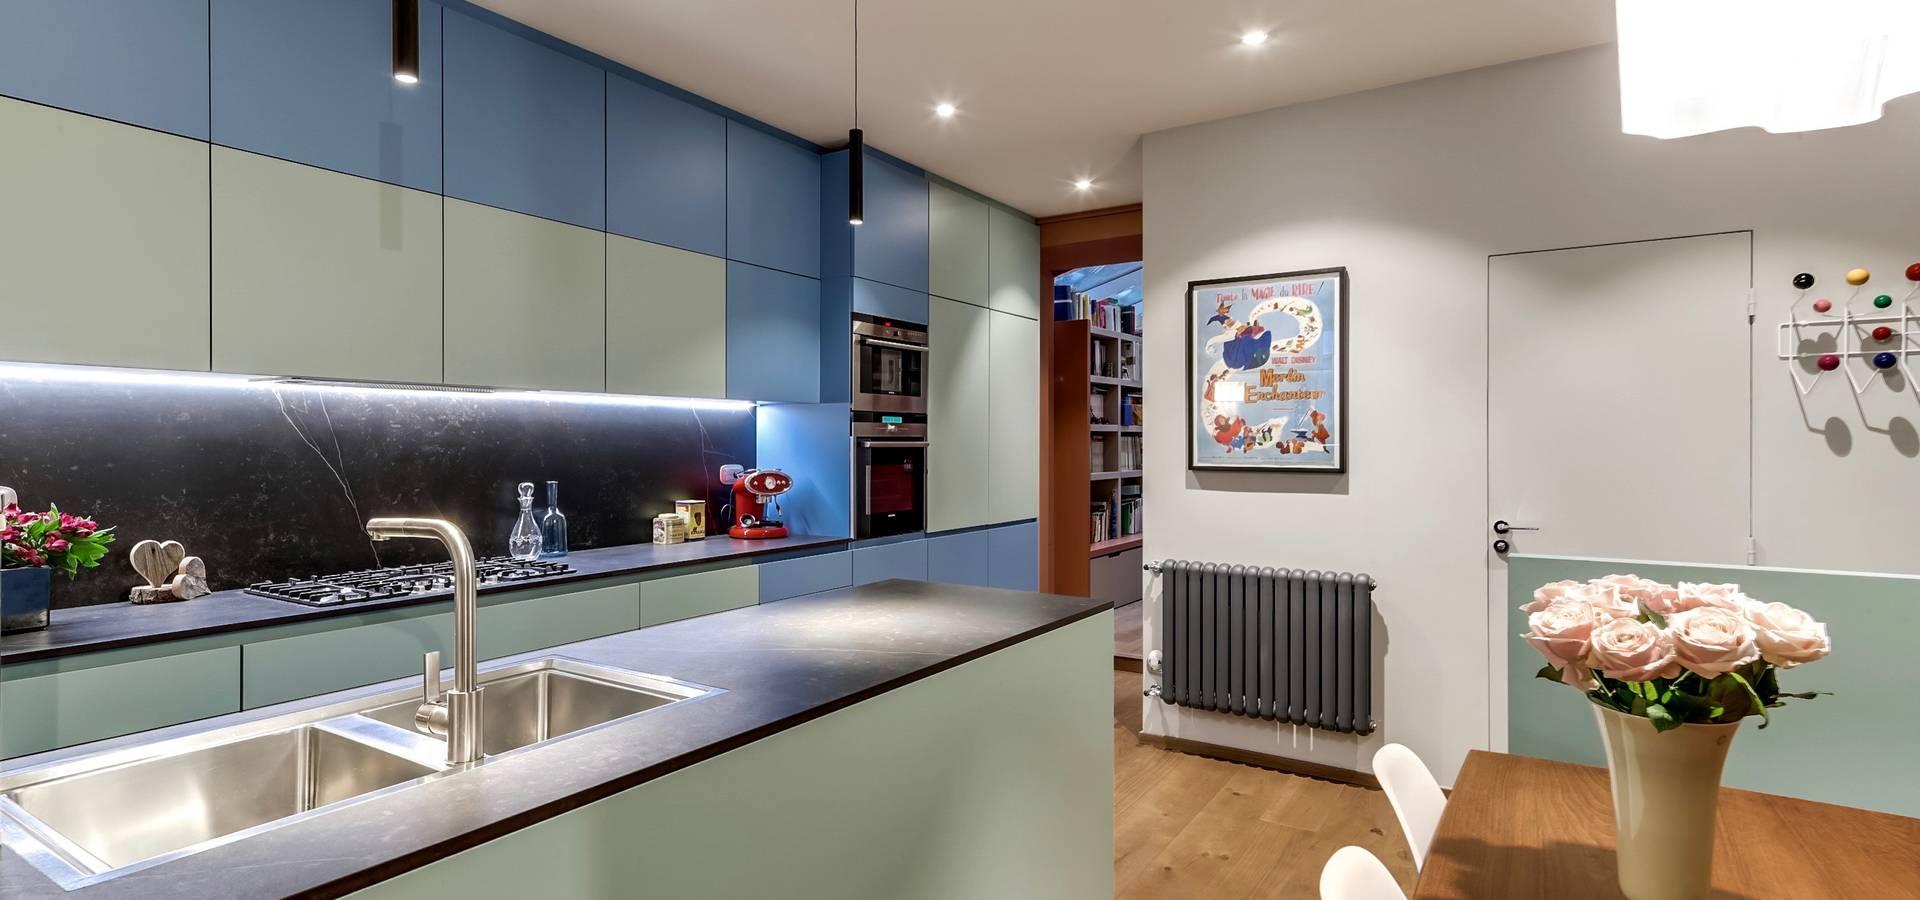 Alessandra Pisi / Pisi Design Architectes